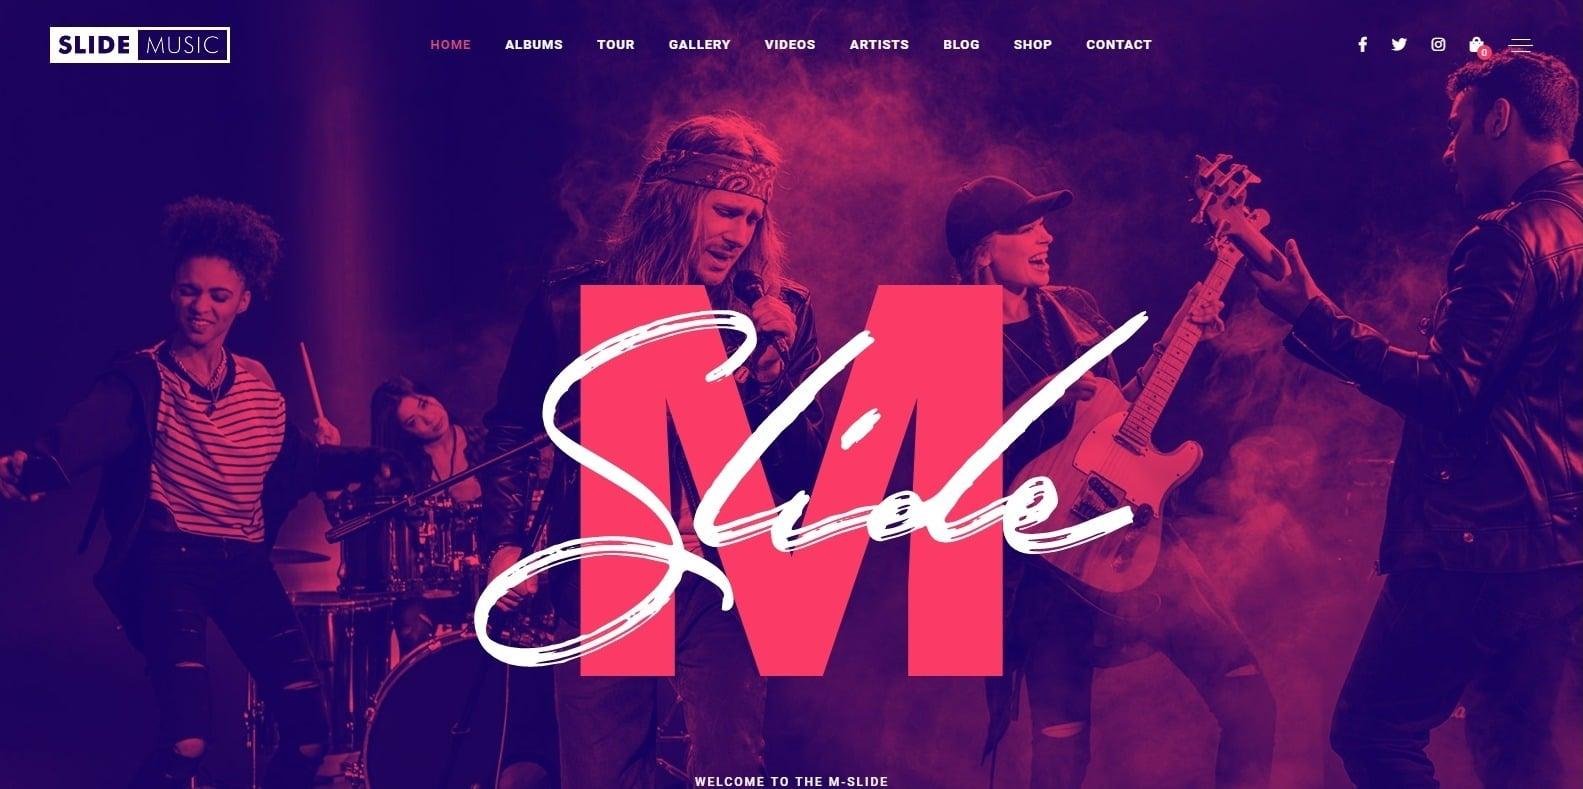 slide-music-html-music-website-template